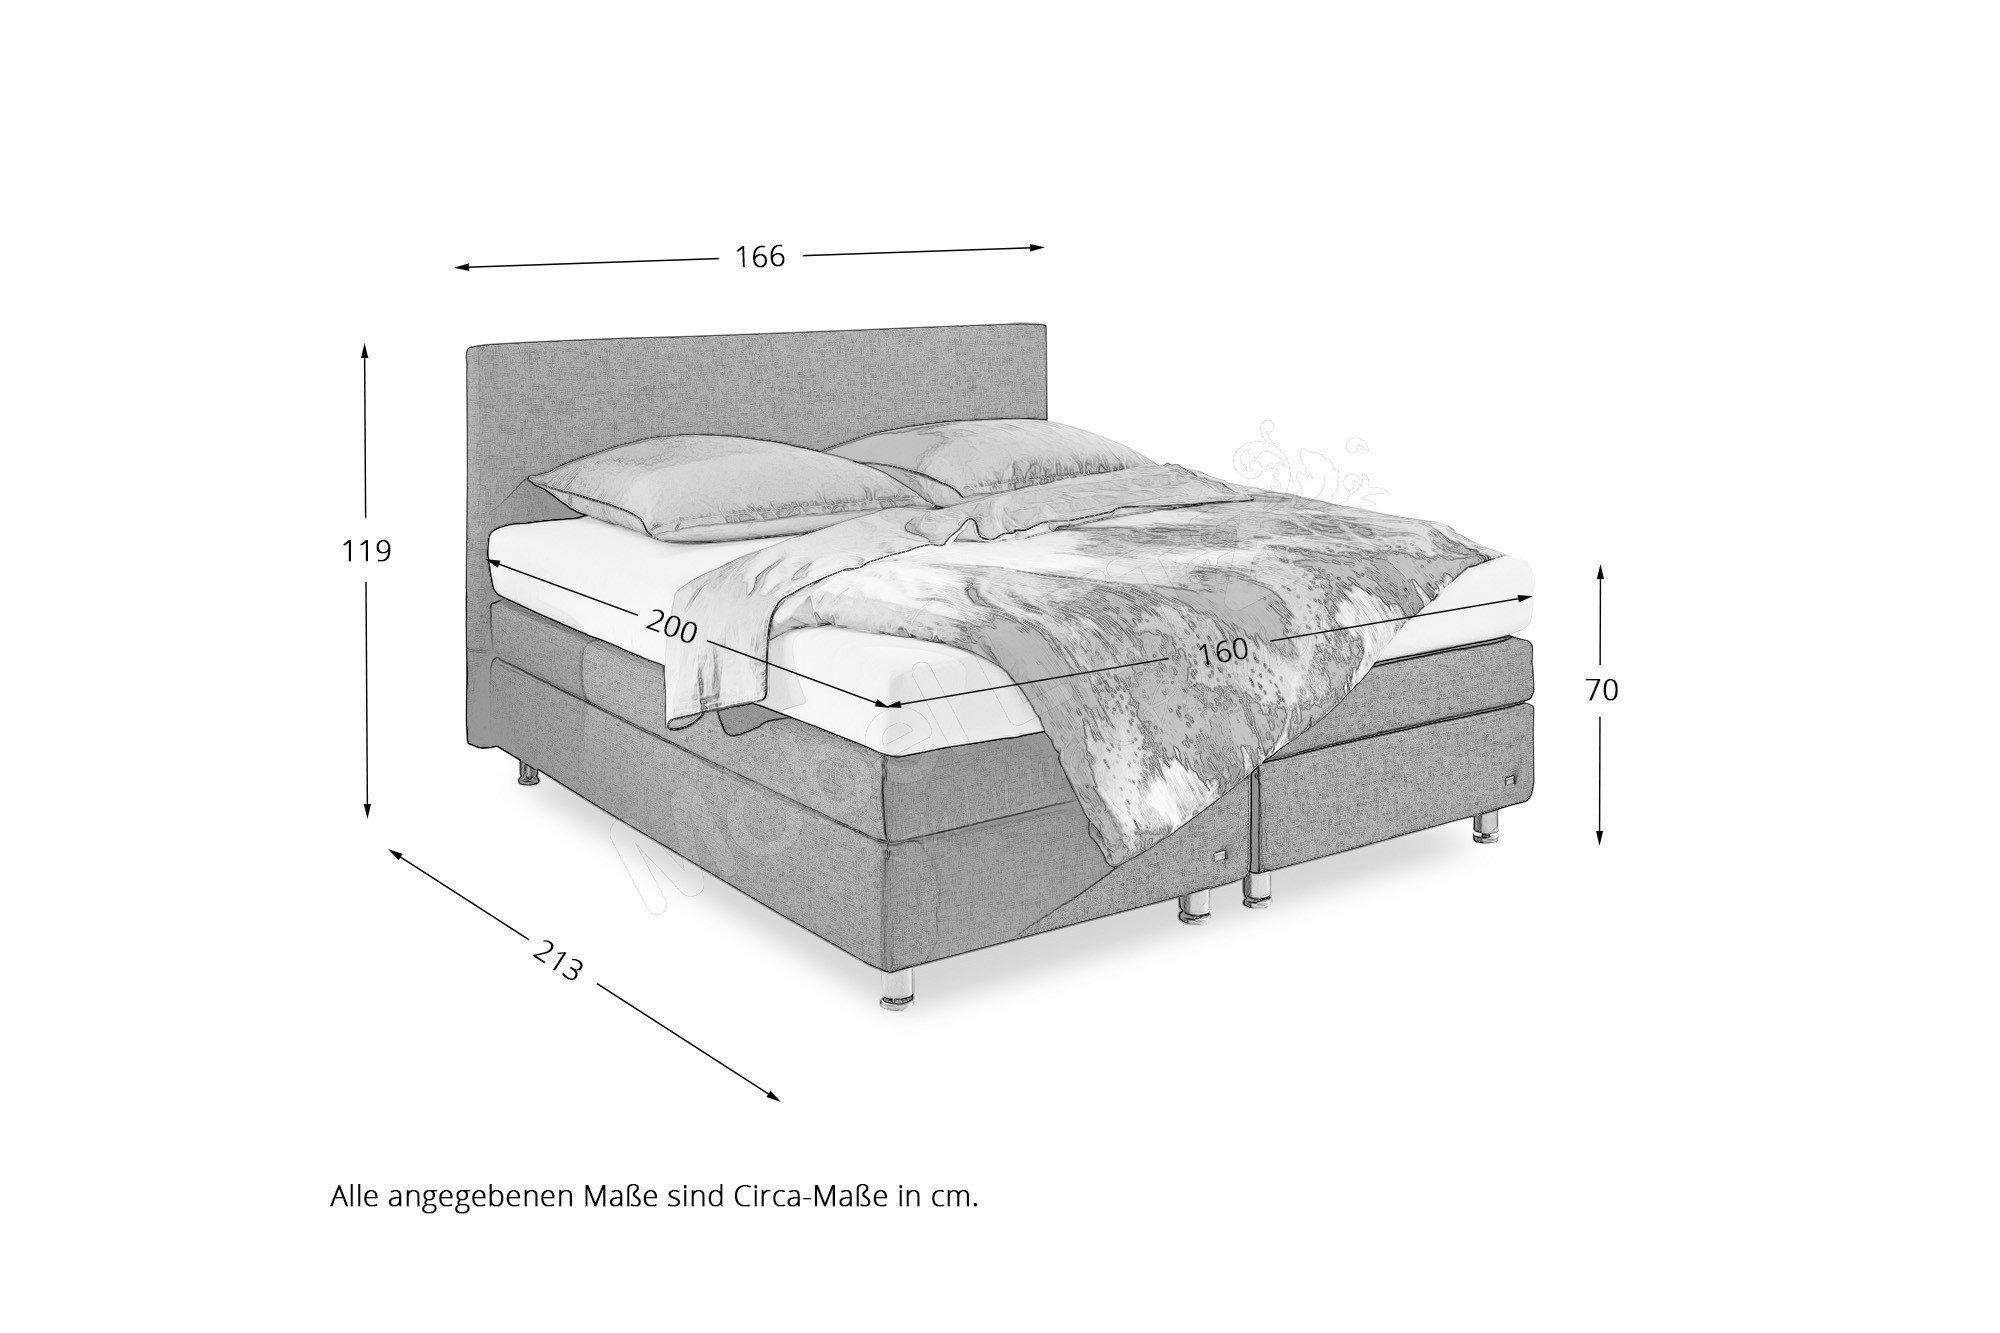 Boxspringbett RUF Betten Modell Verena. Möbel Letz - Ihr Online-Shop